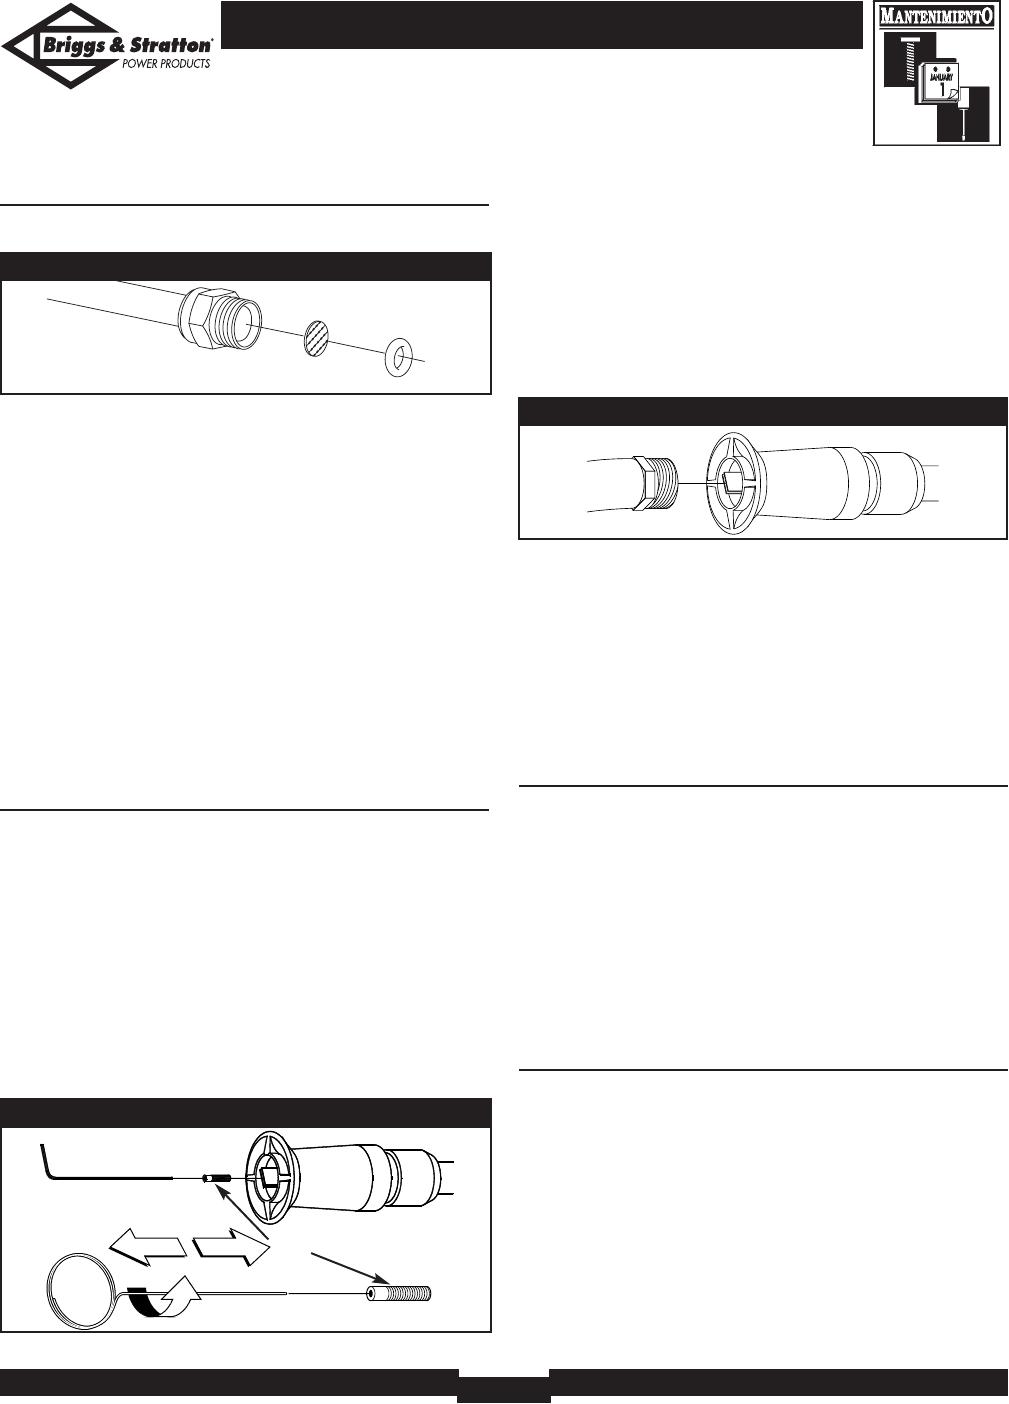 briggs and stratton 7.75 pressure washer manual